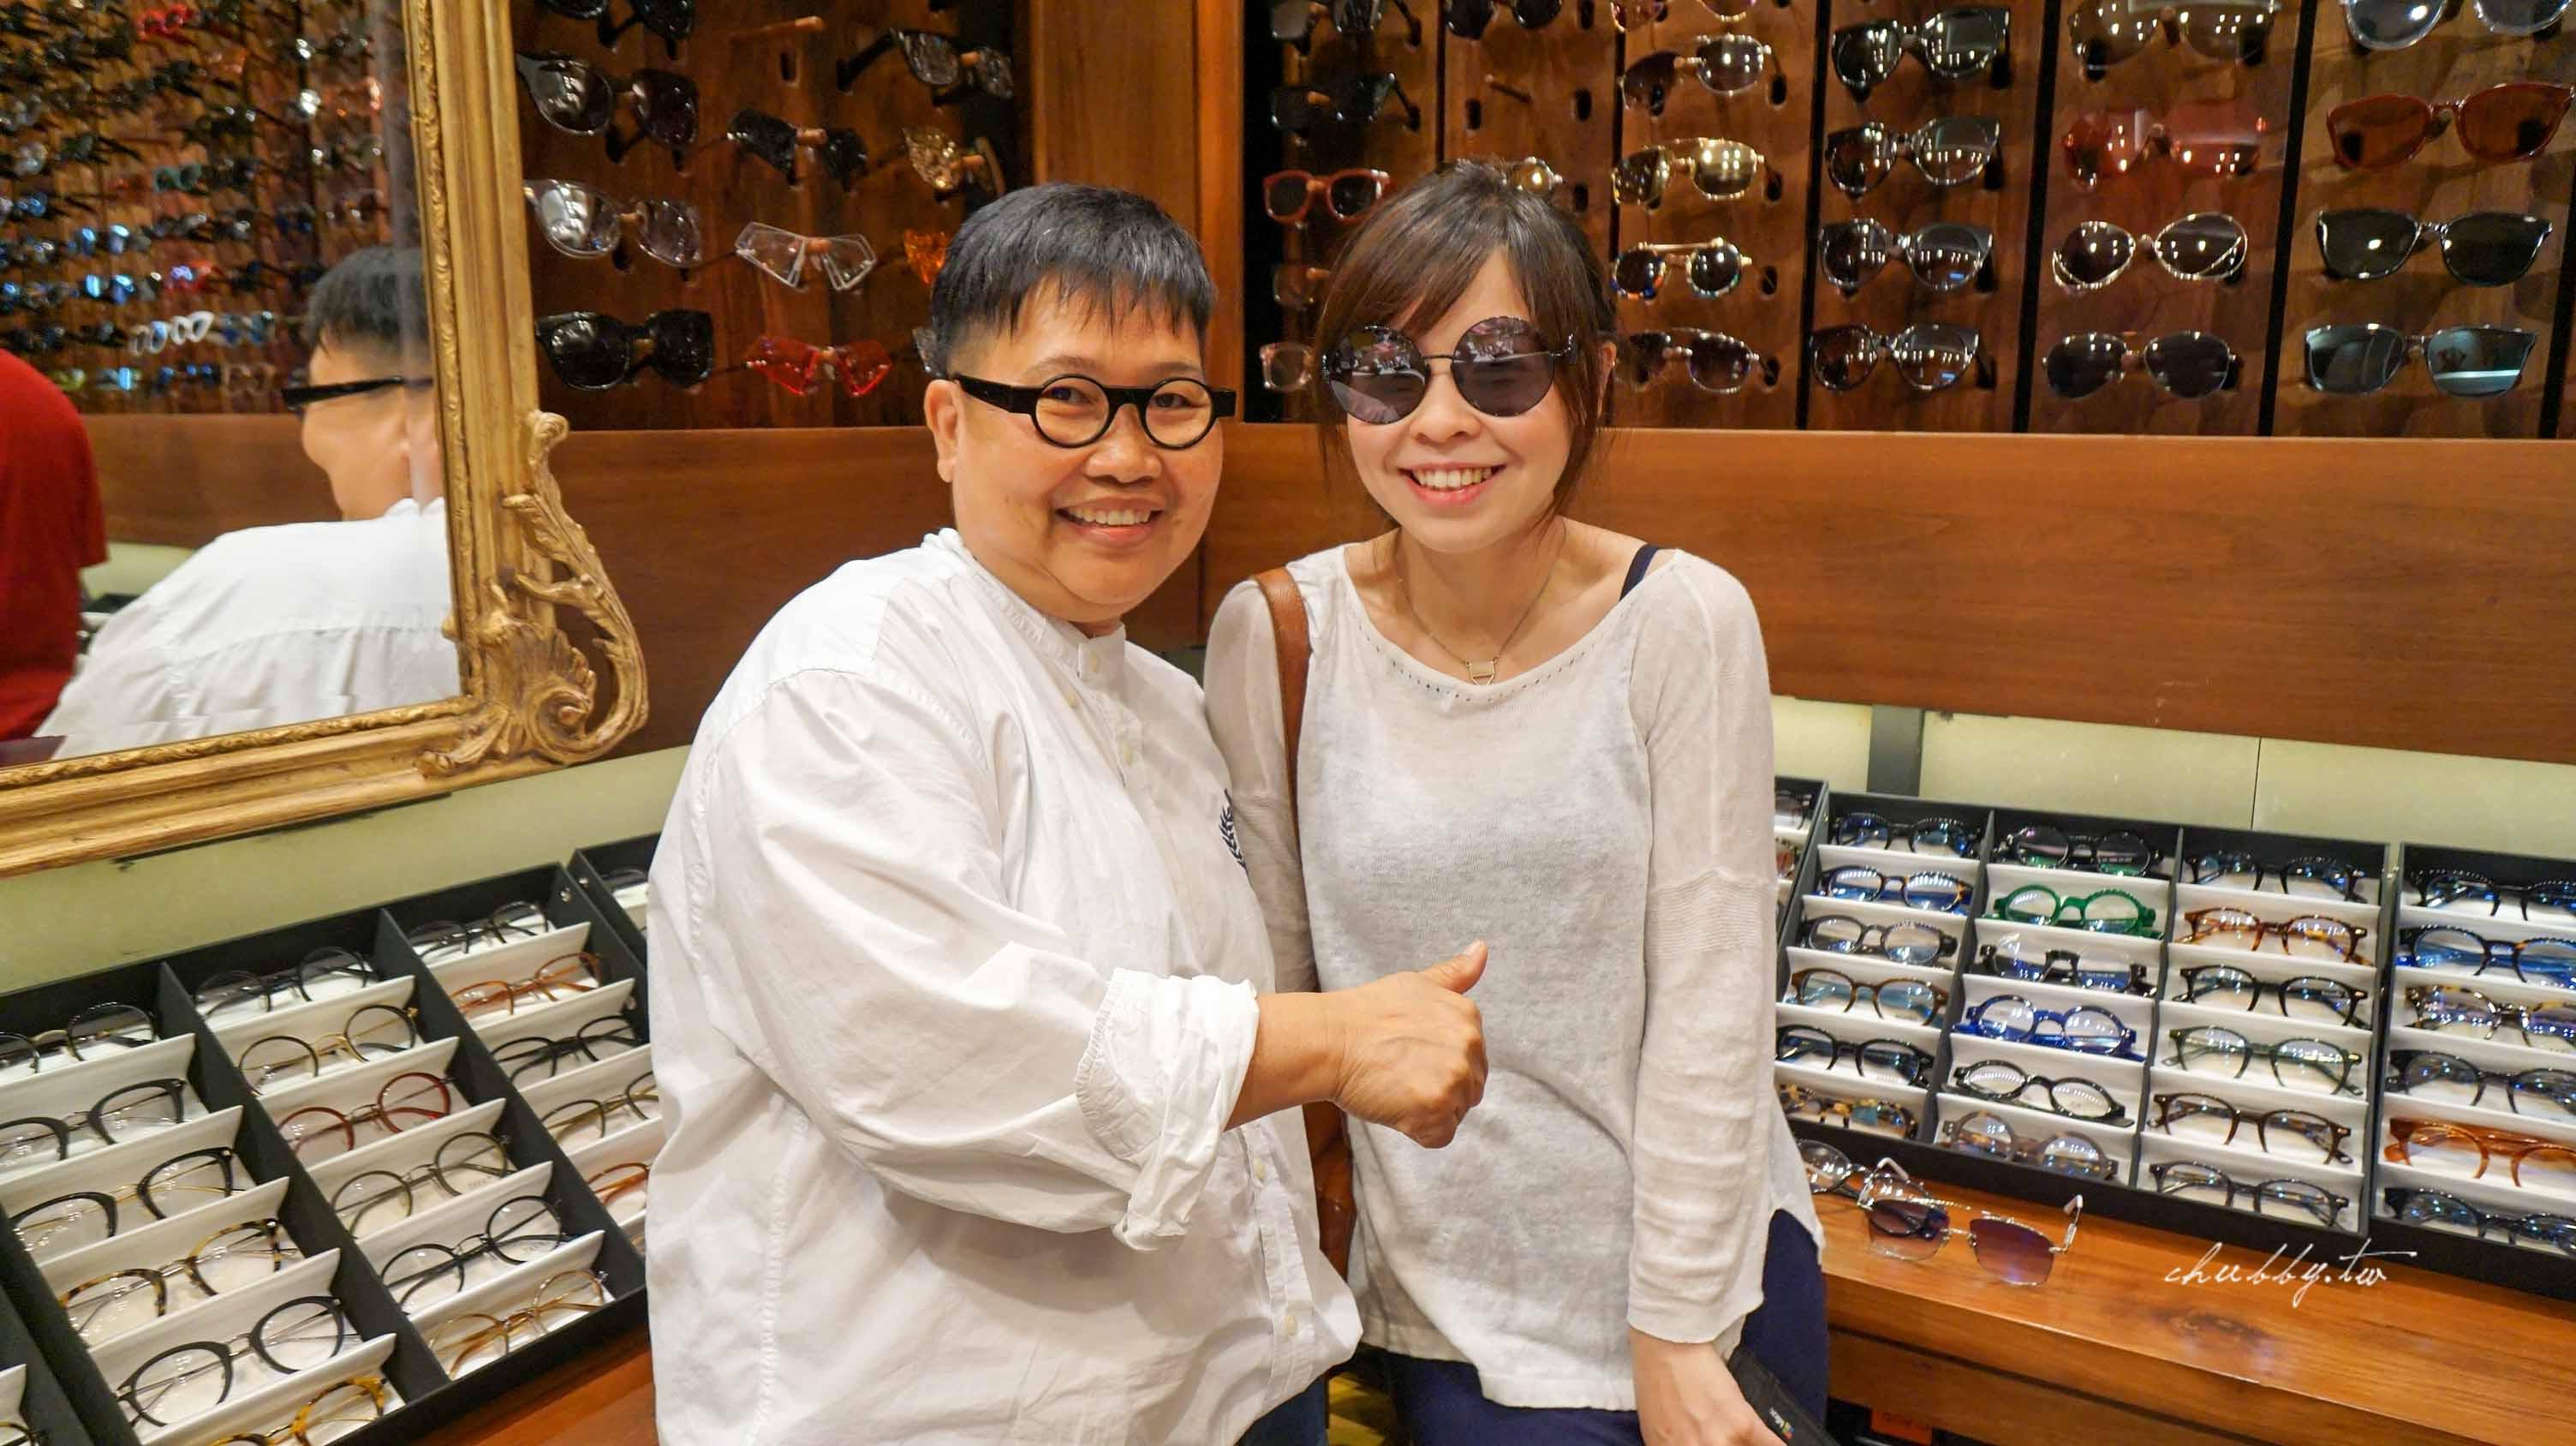 洽圖洽市集必買!ANNA Galleries's都是正貨的便宜高檔品牌墨鏡店